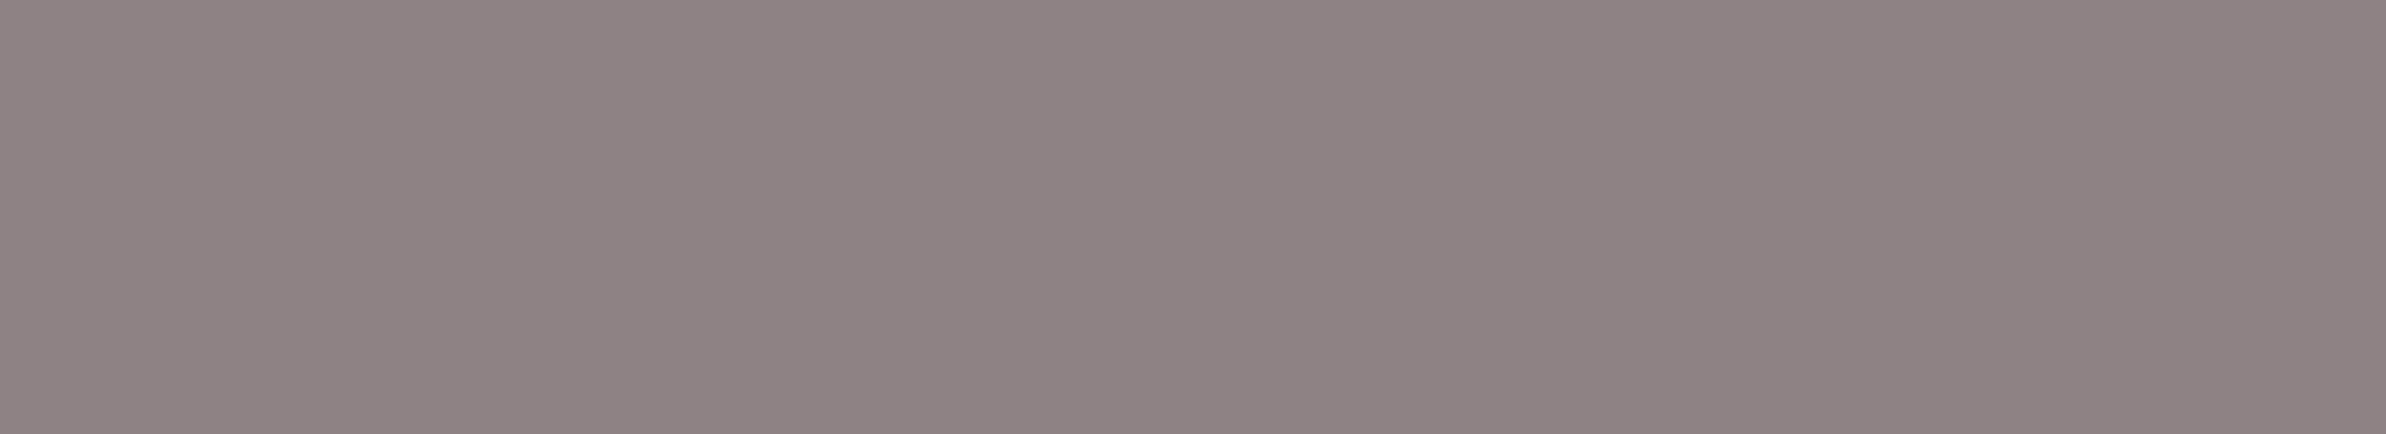 #469 @ 1% - Grey